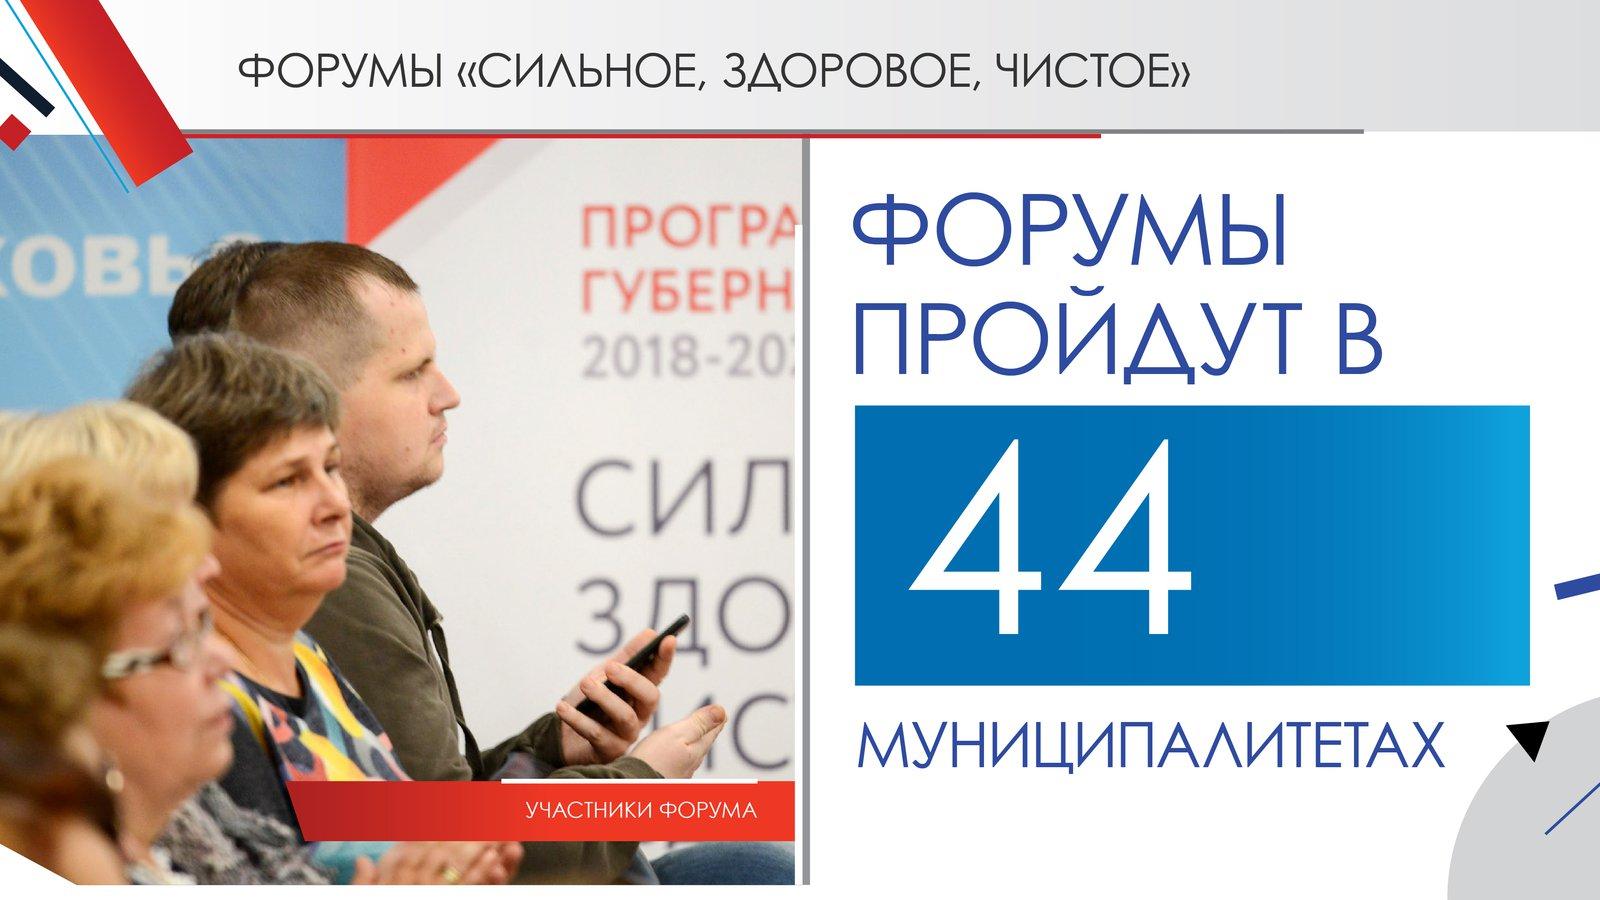 Андрей Воробьев губернатор московской области - Общественные институты и принцип чуткой власти